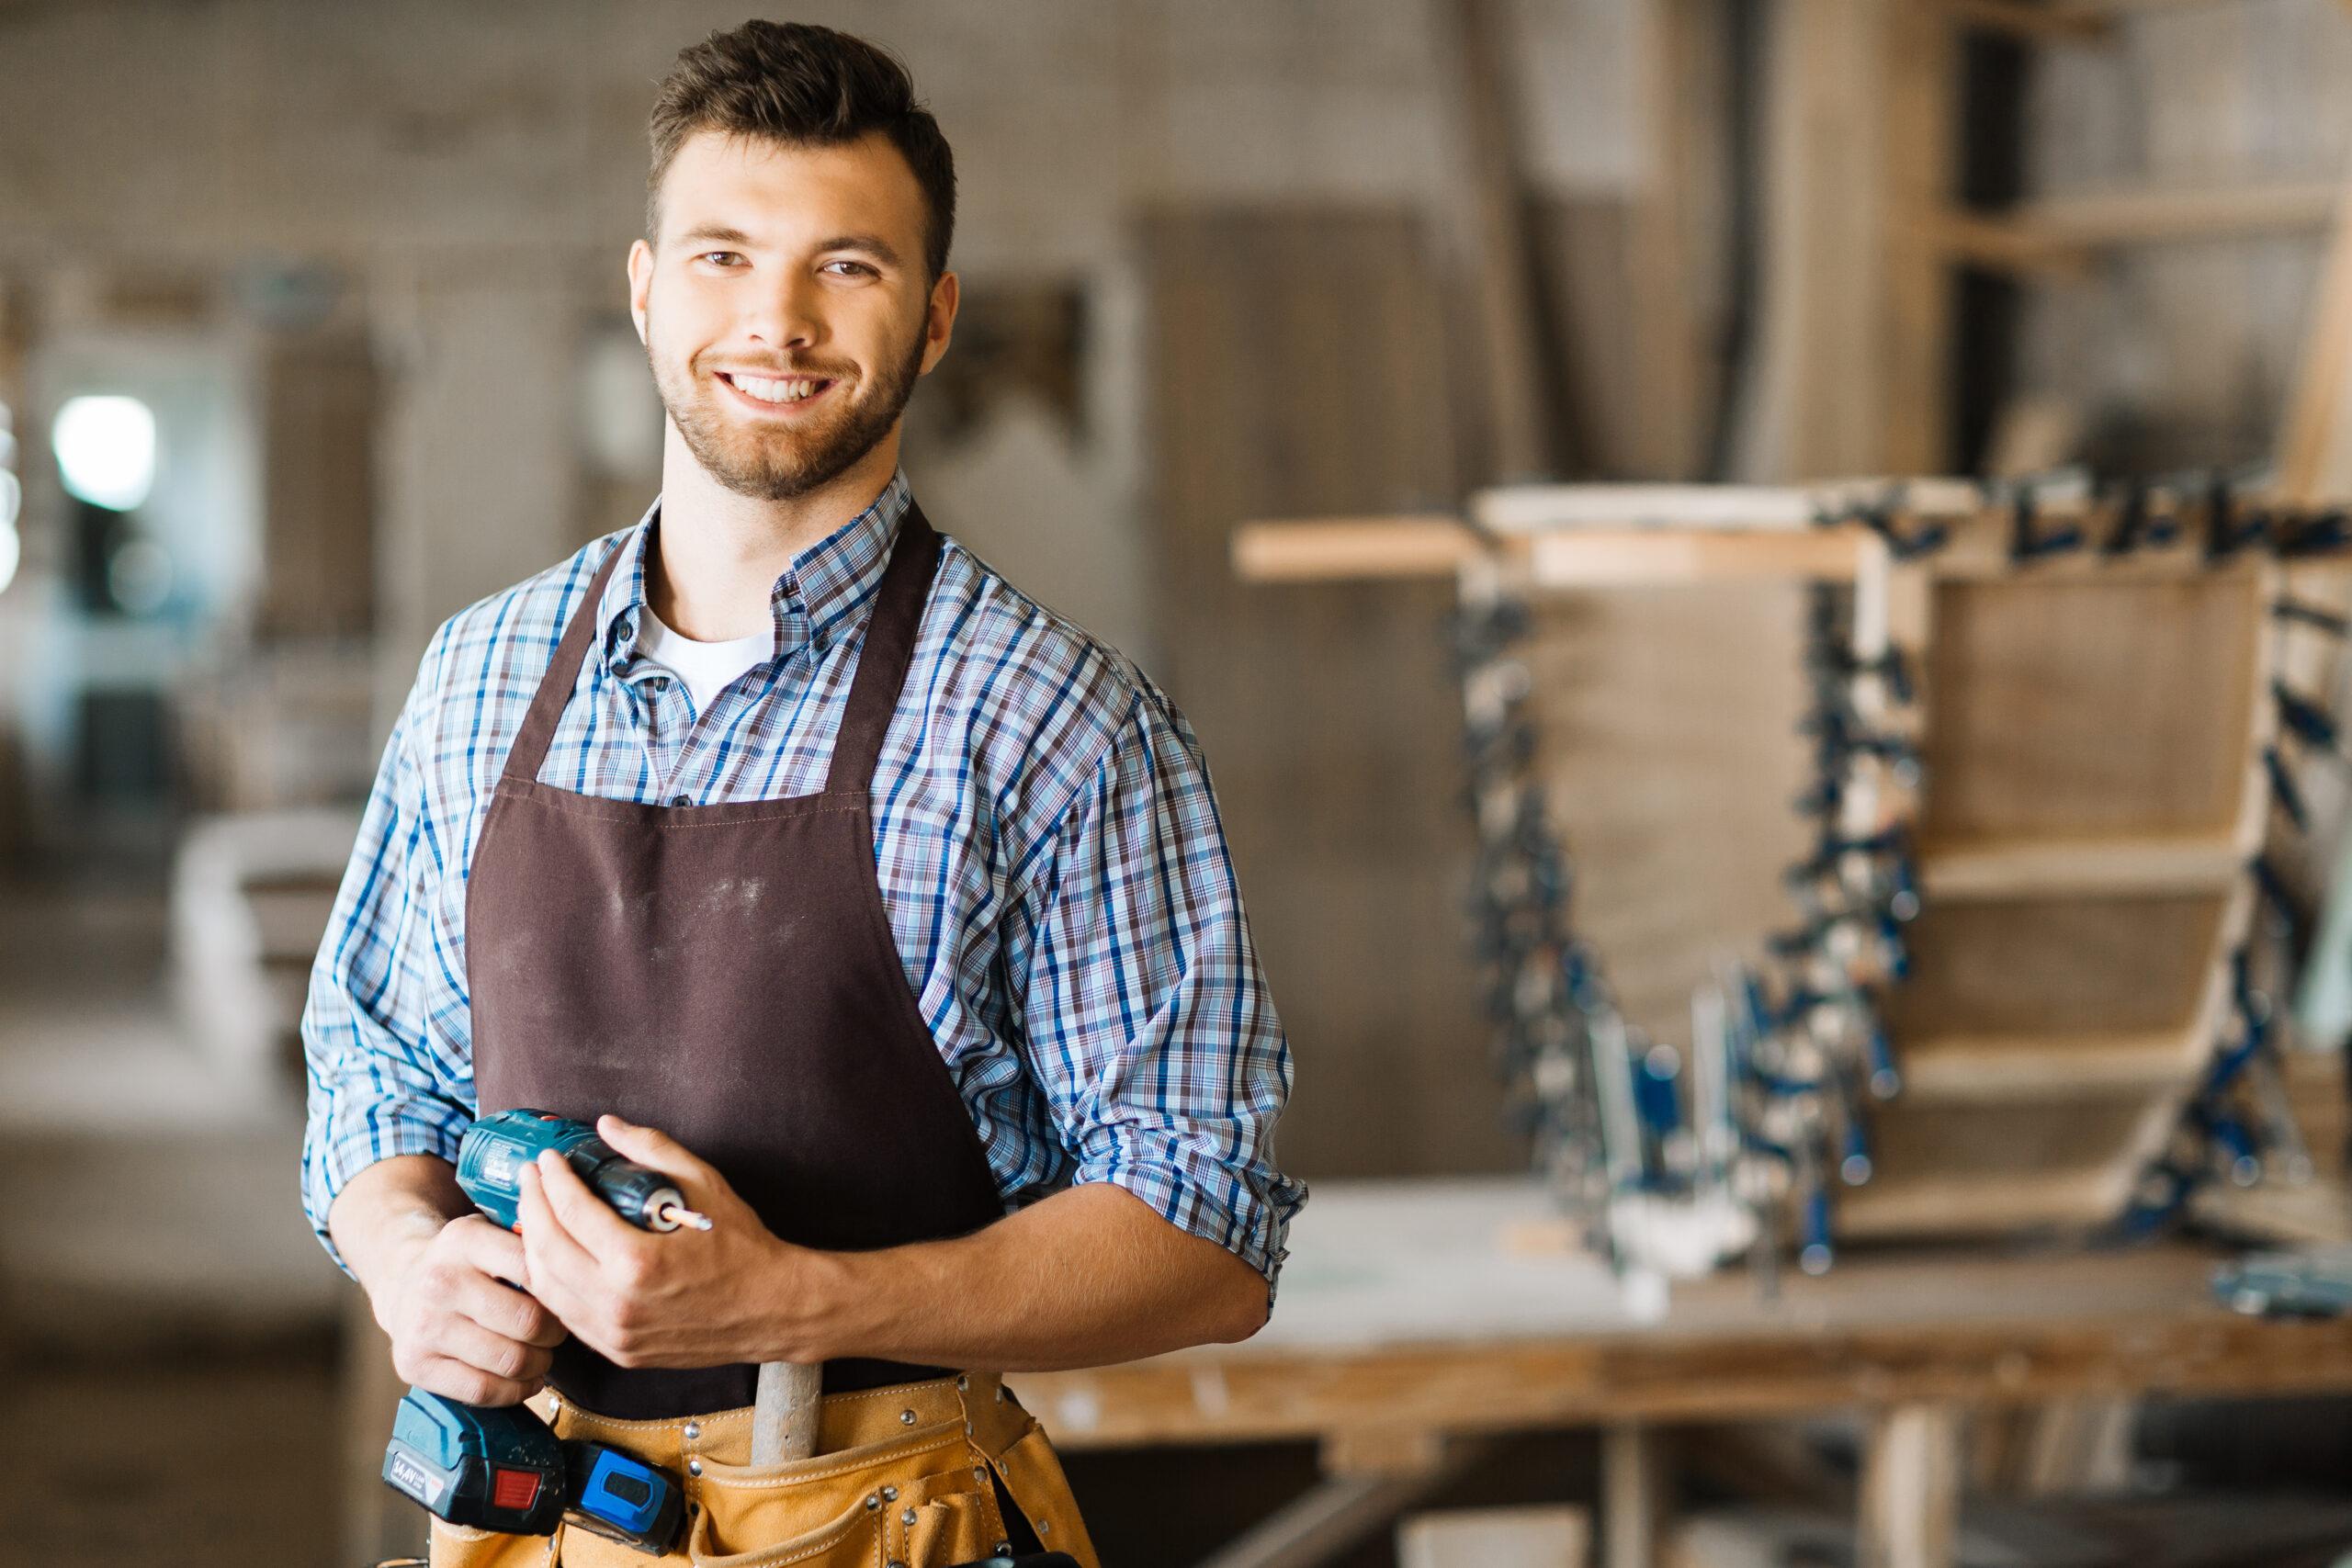 פותחים עסק קטן? 10 טיפים בדרך להצלחה